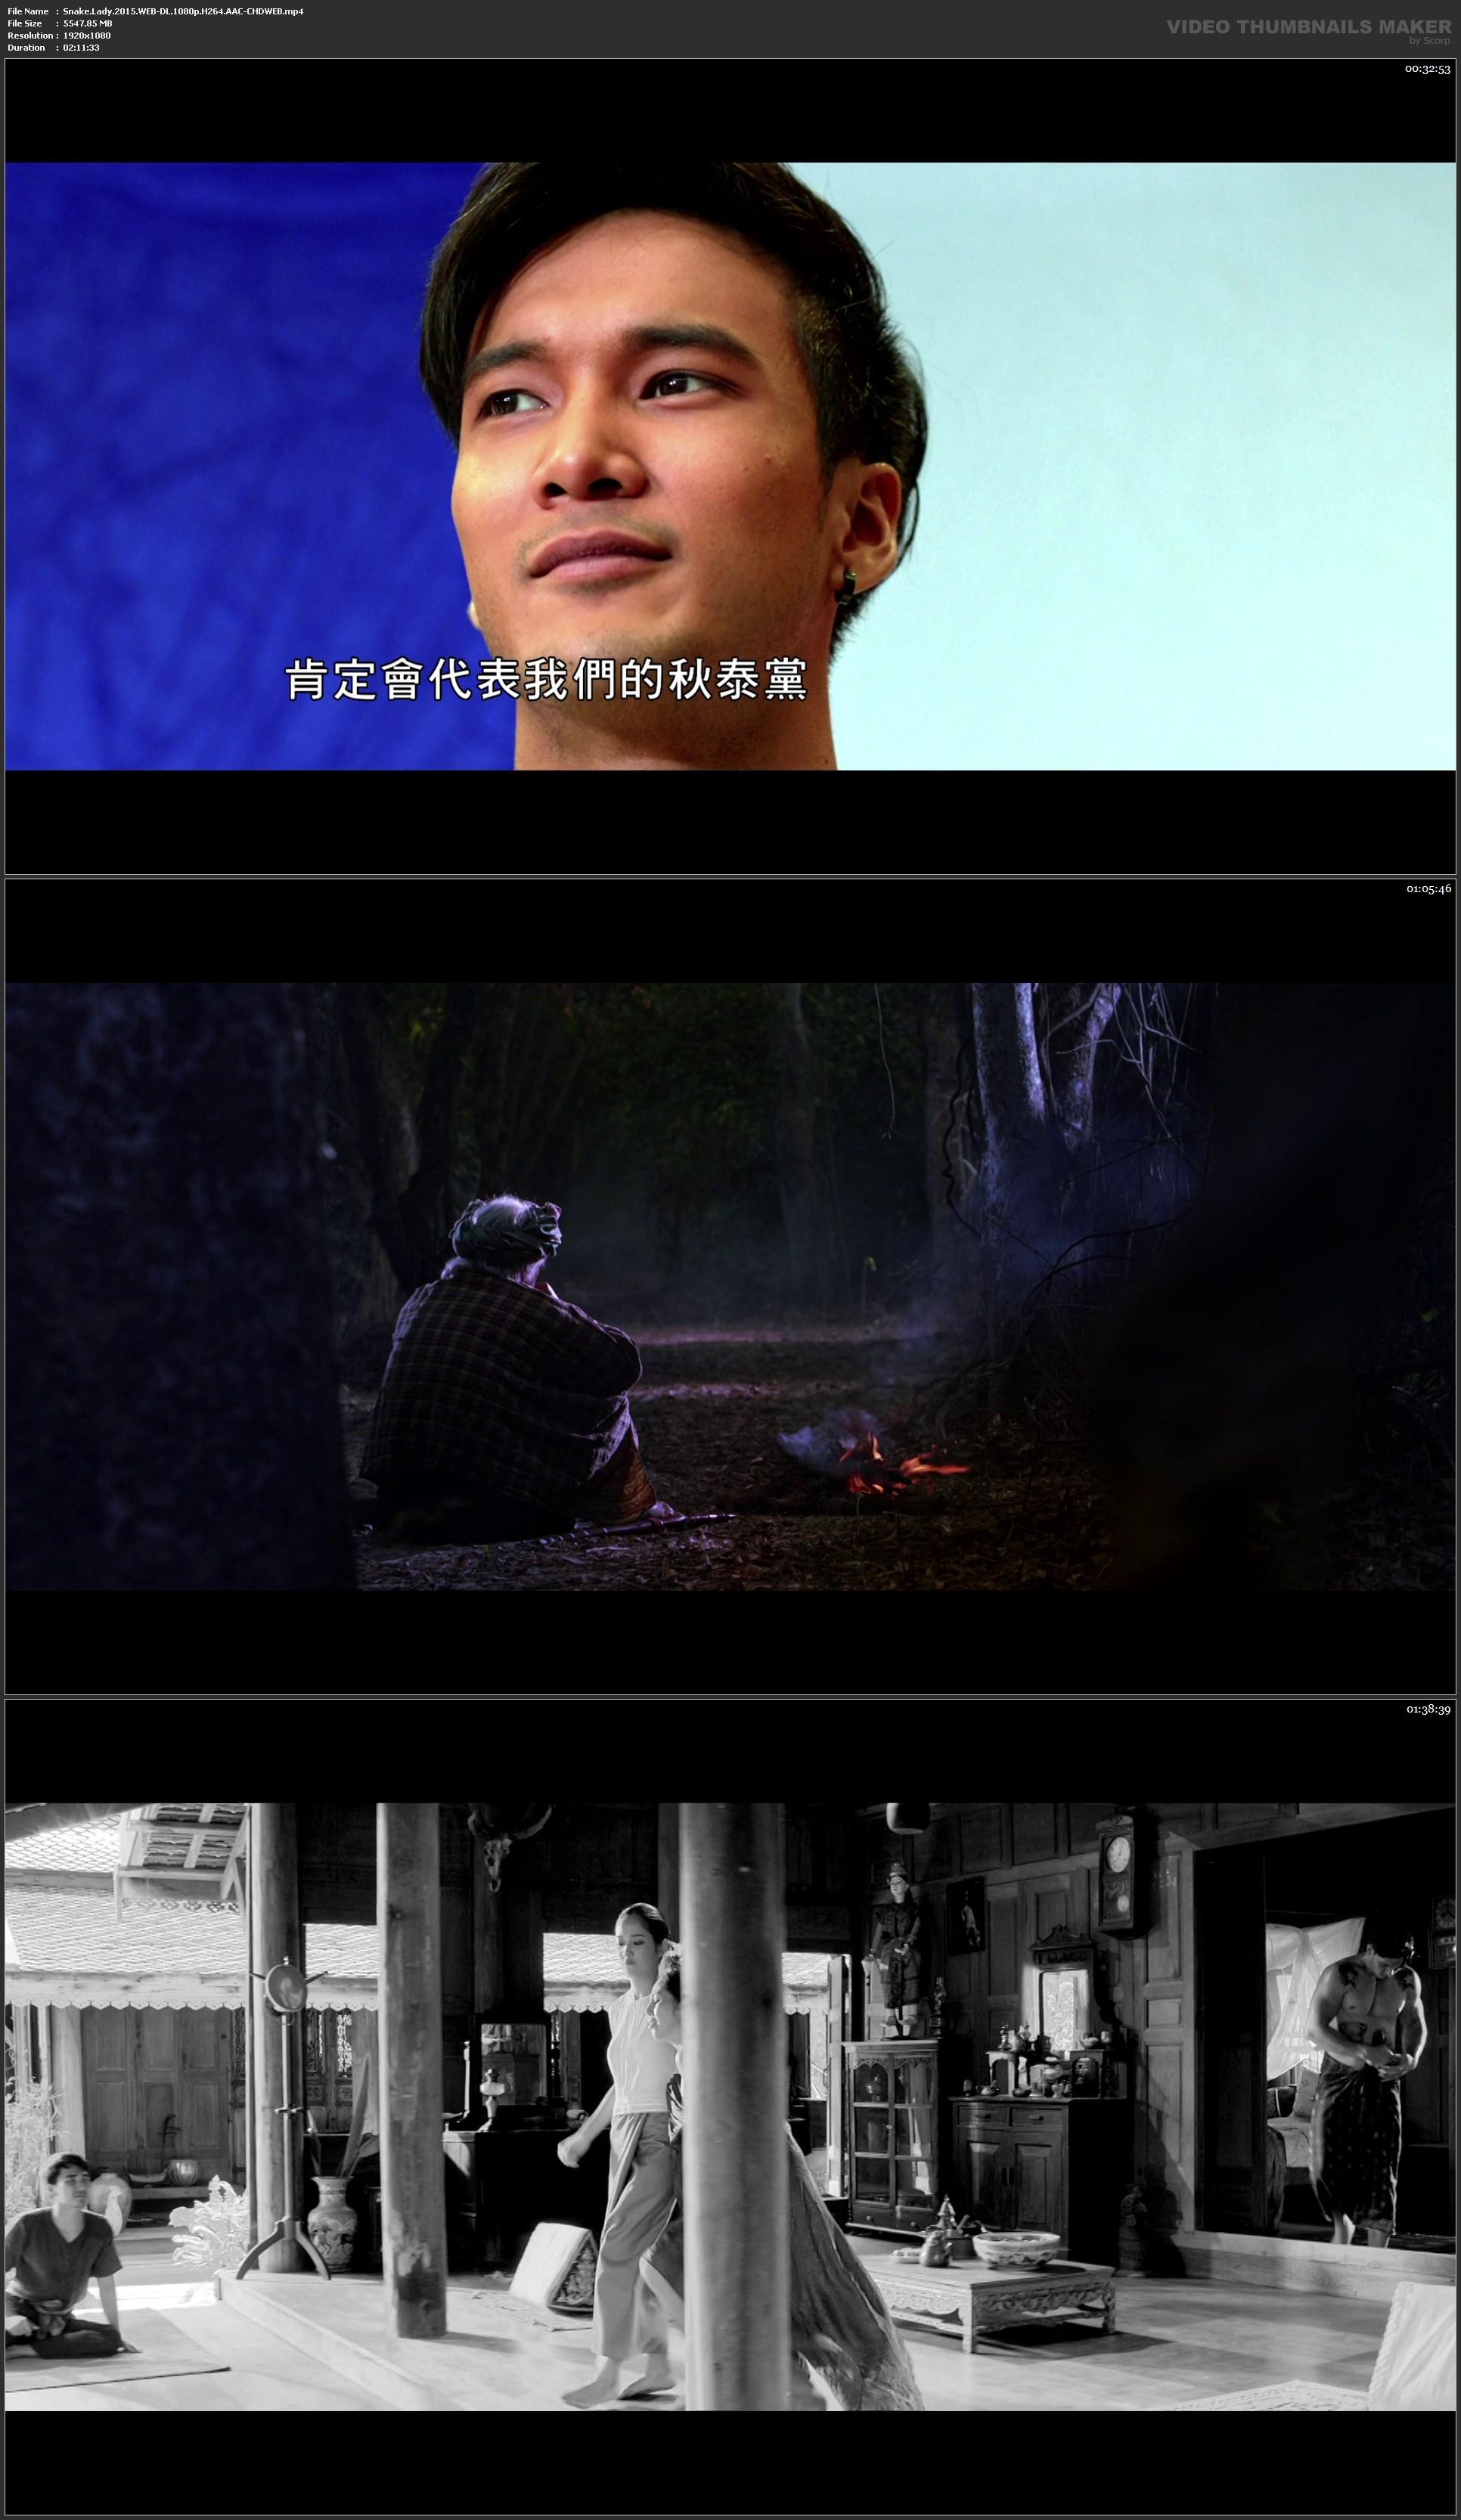 天天在线视频_【2015】蛇姬:極樂誘惑